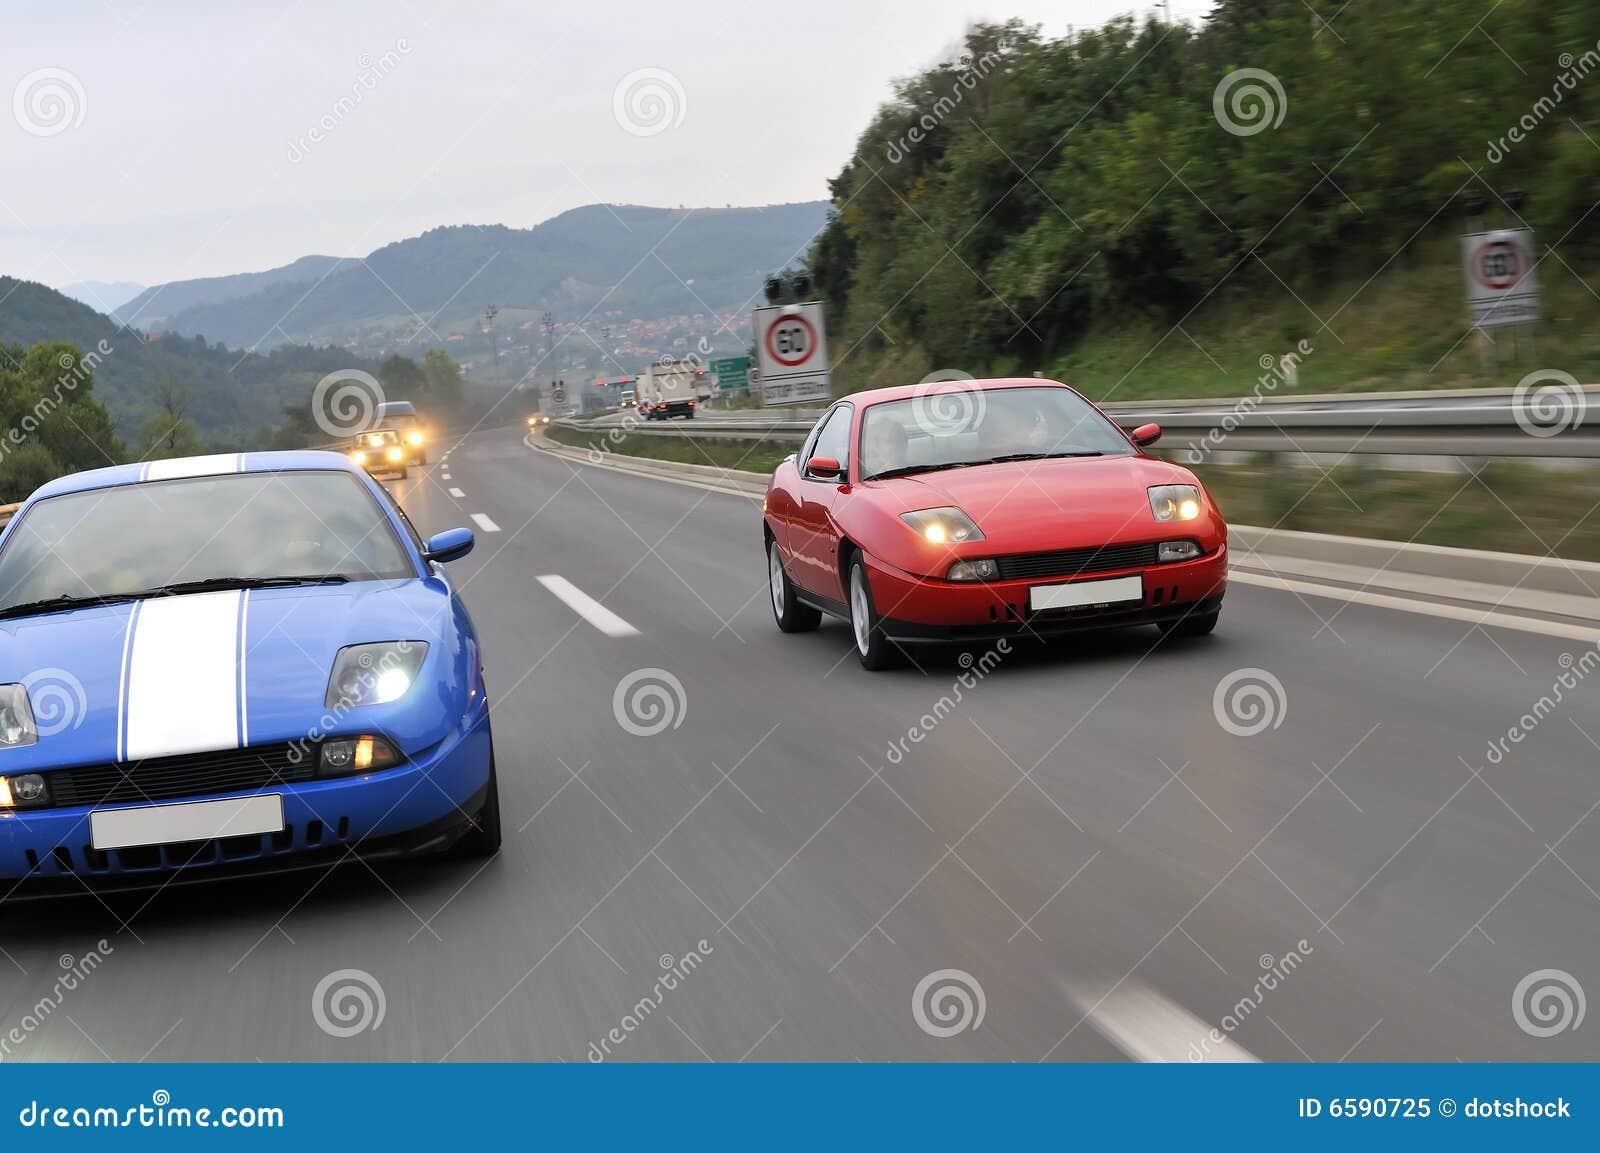 car racing 2